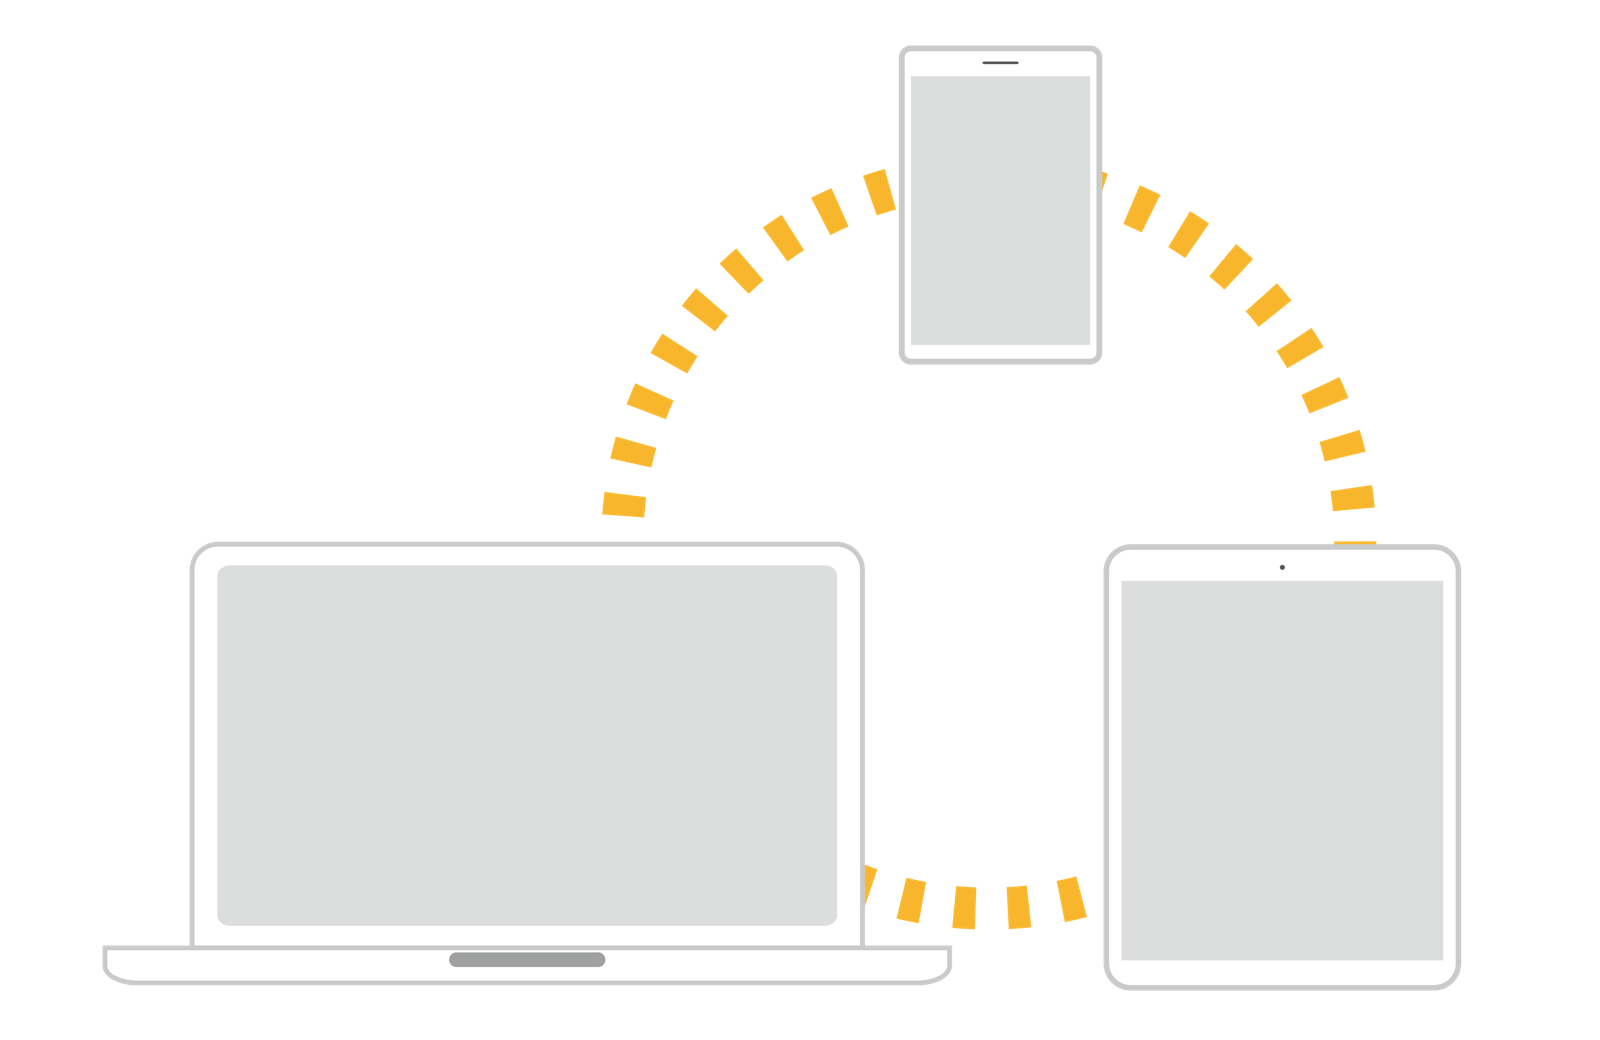 パソコン、スマホ、タブレットのイラスト